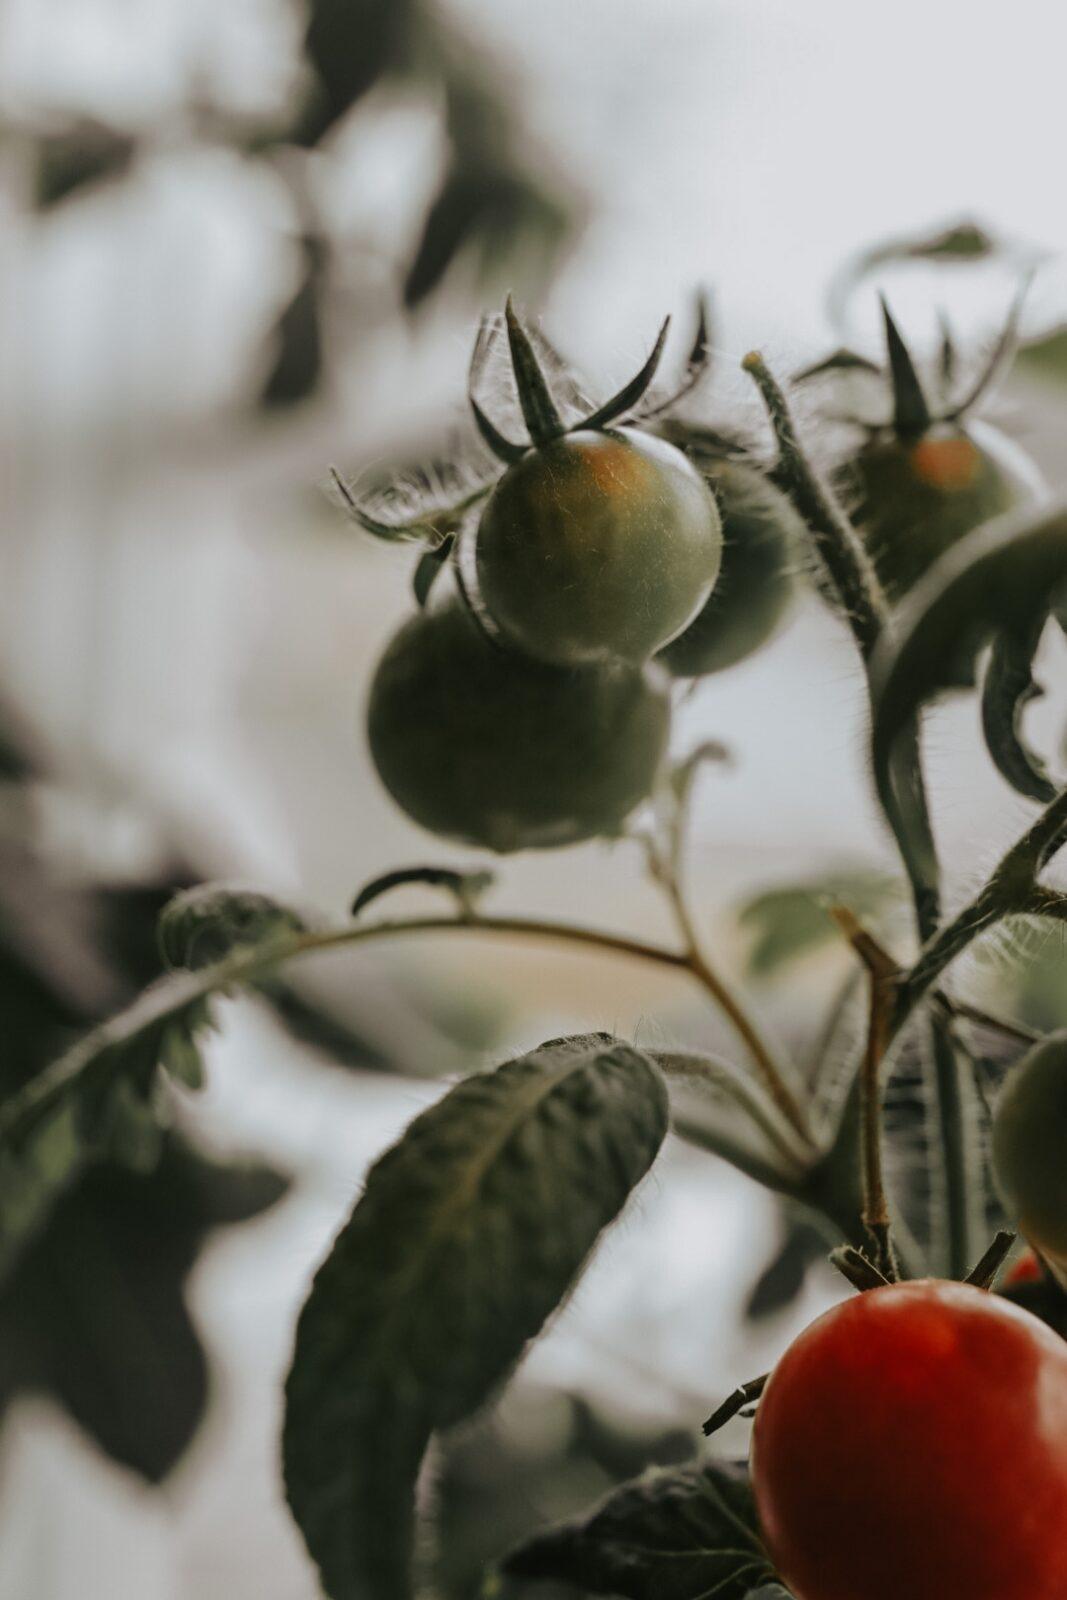 Tomater utan belysning